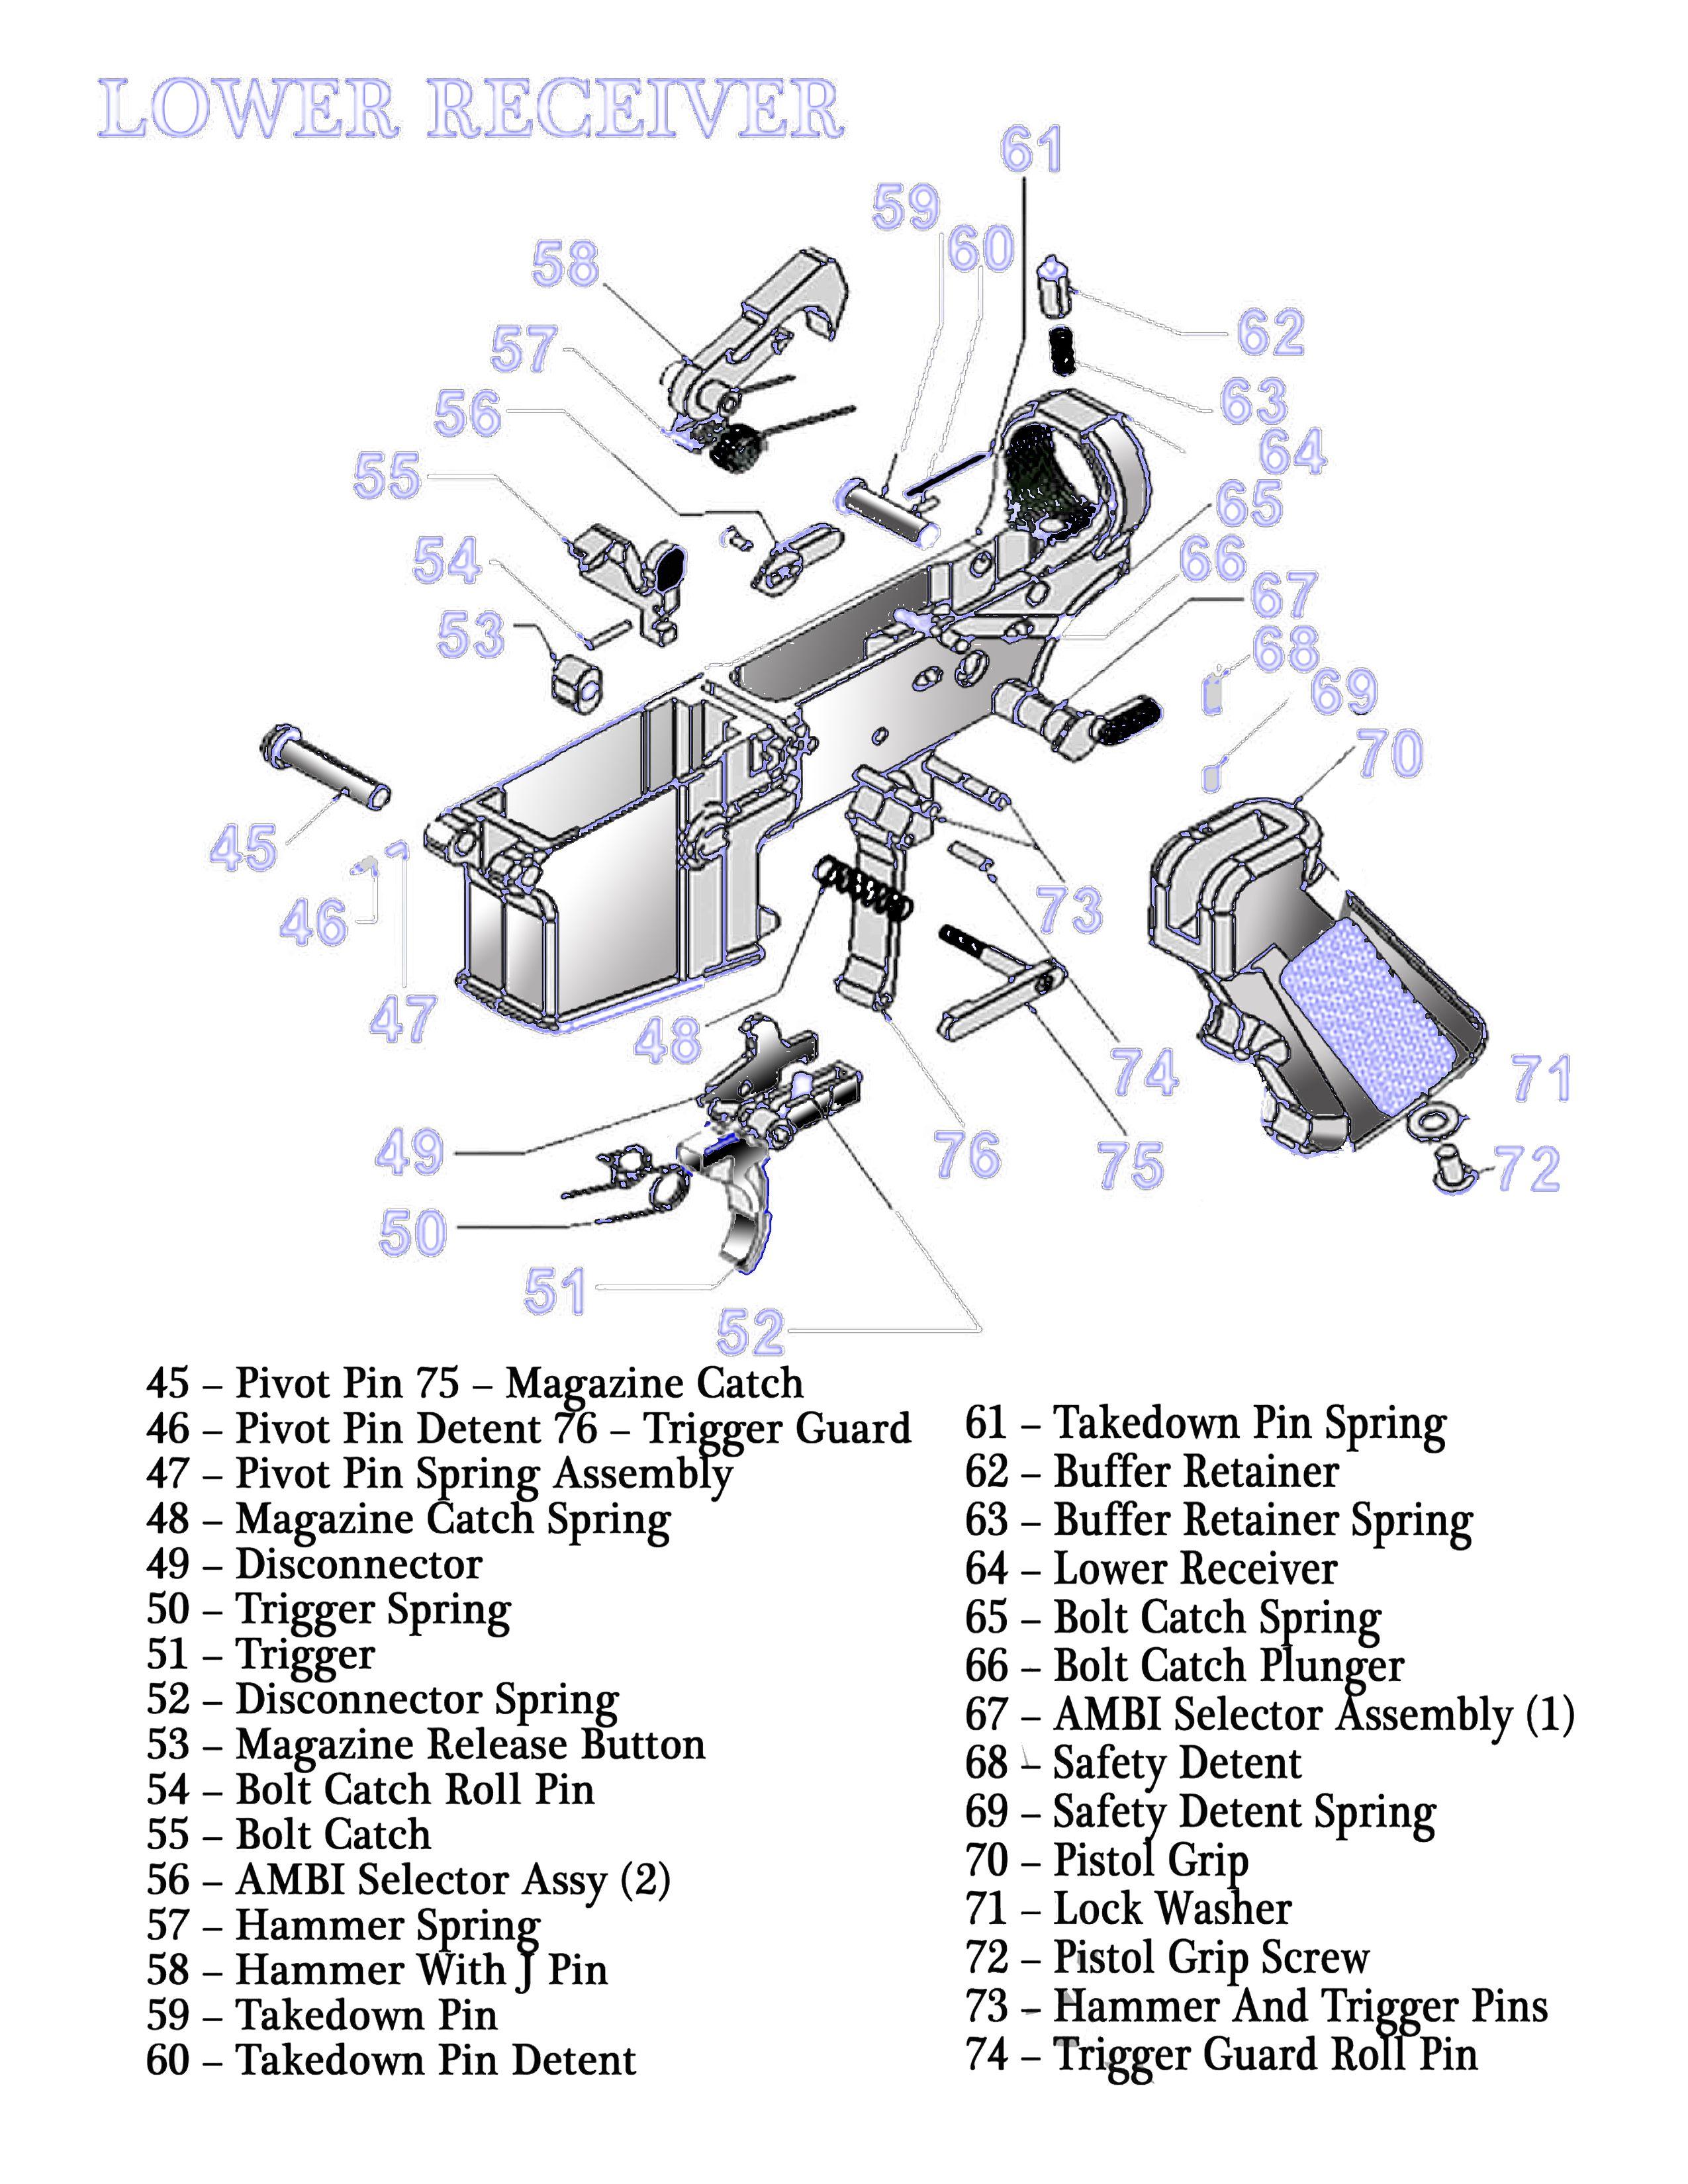 AR-15 Schematic | GUNS GUNS GUNS | Pinterest | Guns